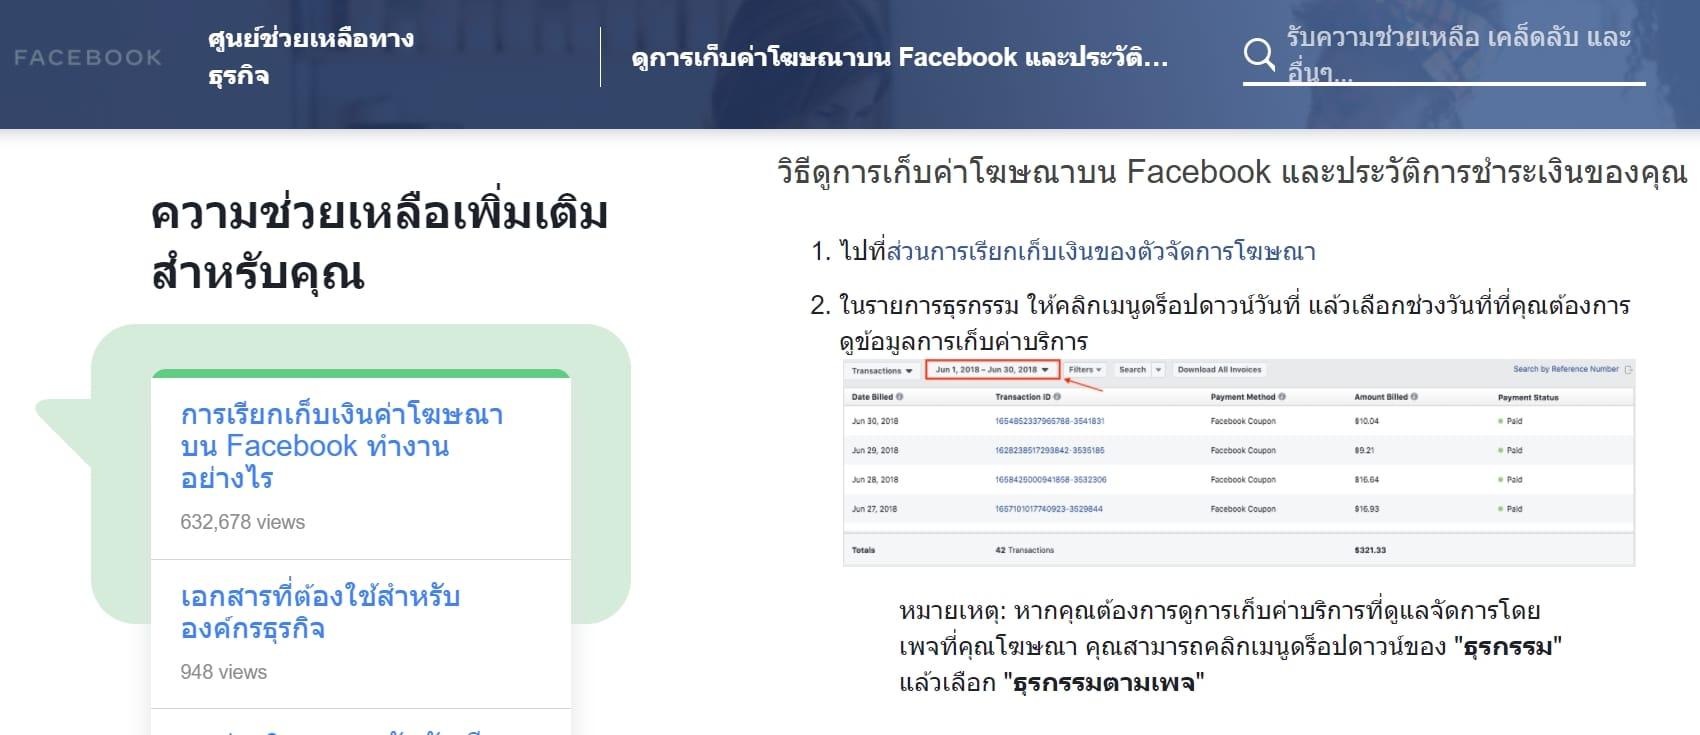 ค่าโฆษณา-facebook-2021